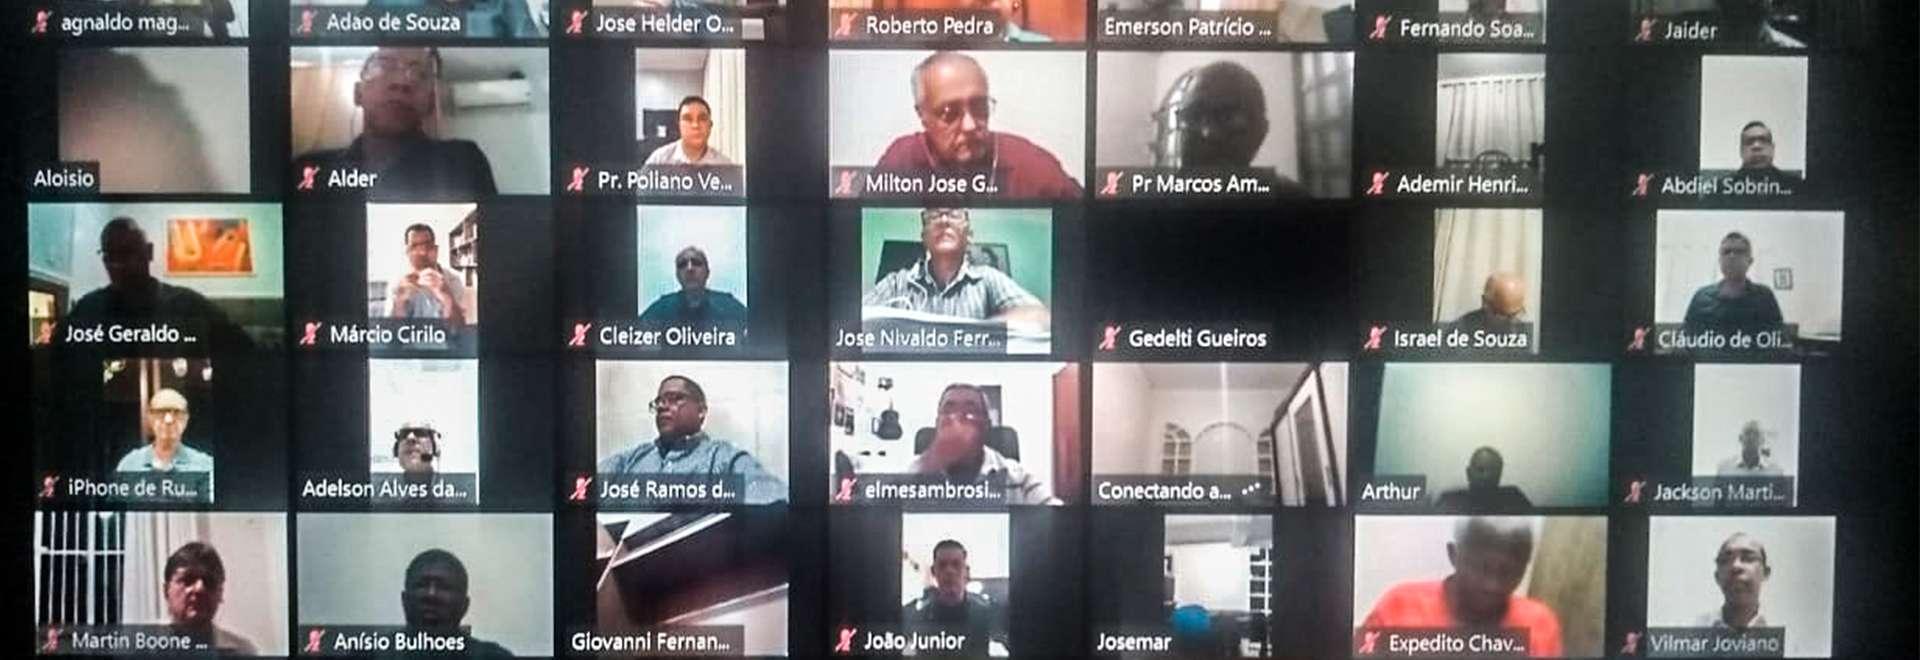 Reuniões online aproximam pastores da Igreja Cristã Maranata no Brasil e exterior